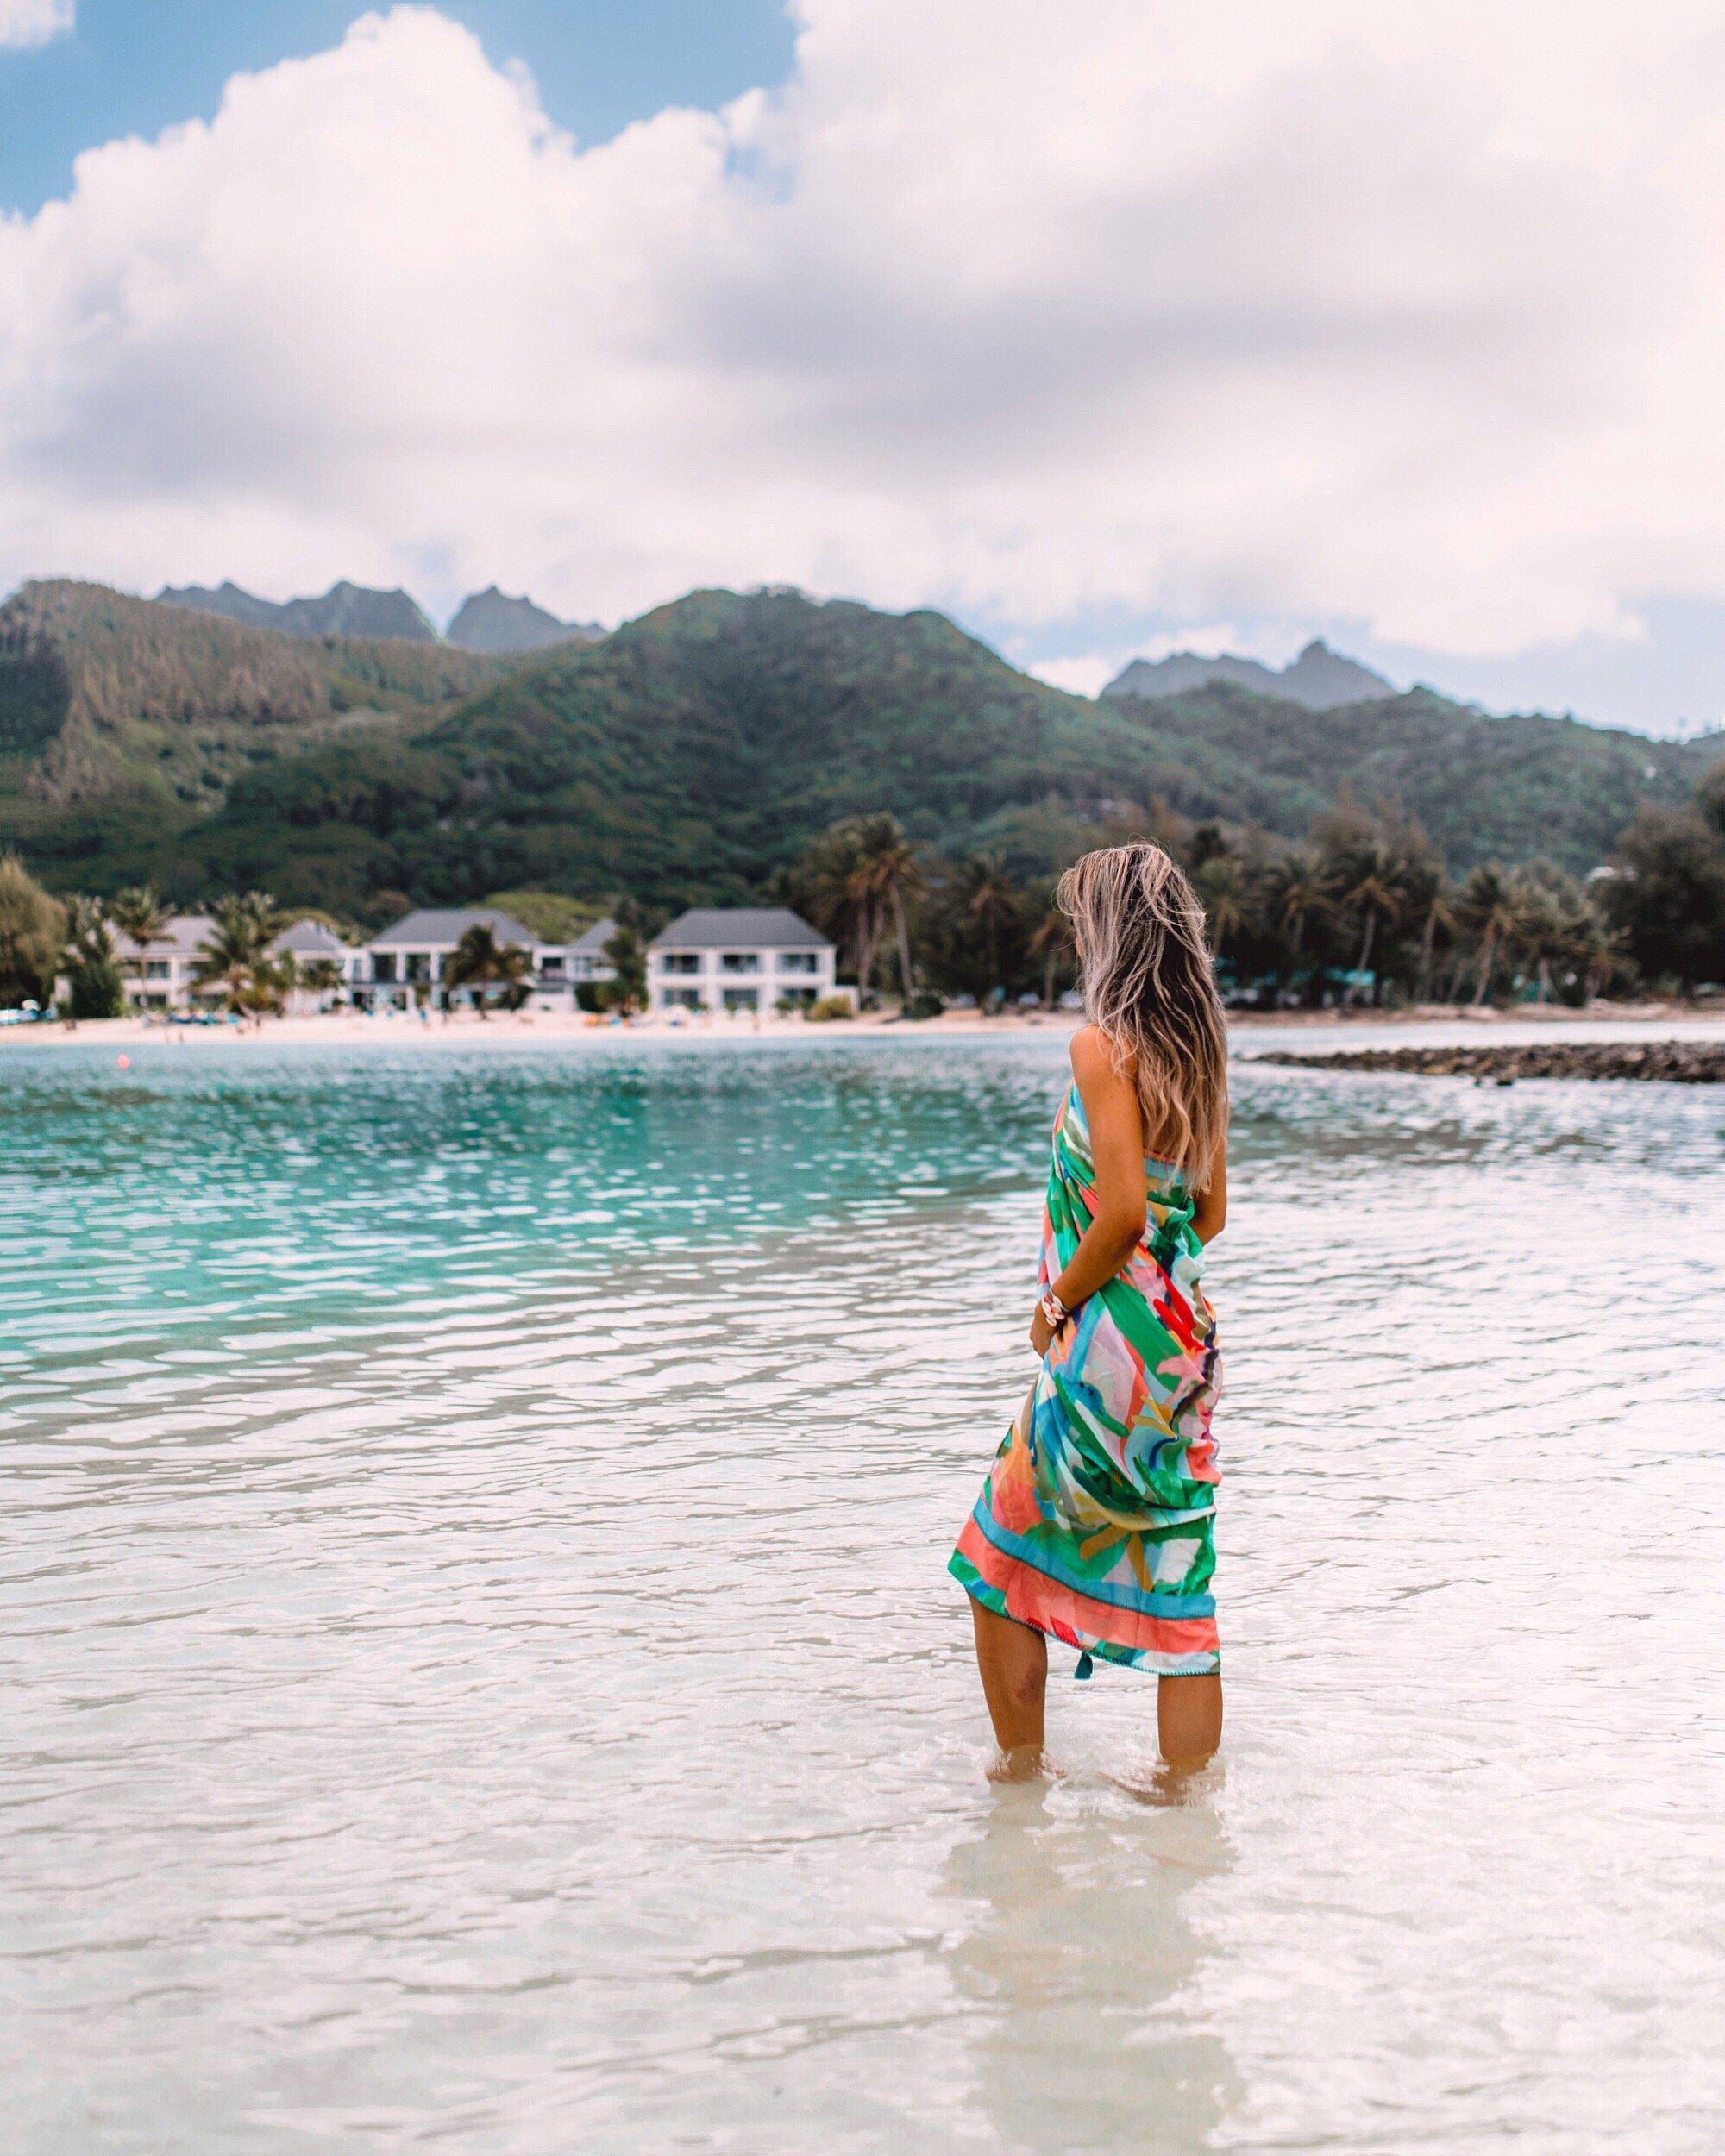 Cook Islands Rarotonga Beach: Cook Islands : Muri Beach Club Hotel, Rarotonga